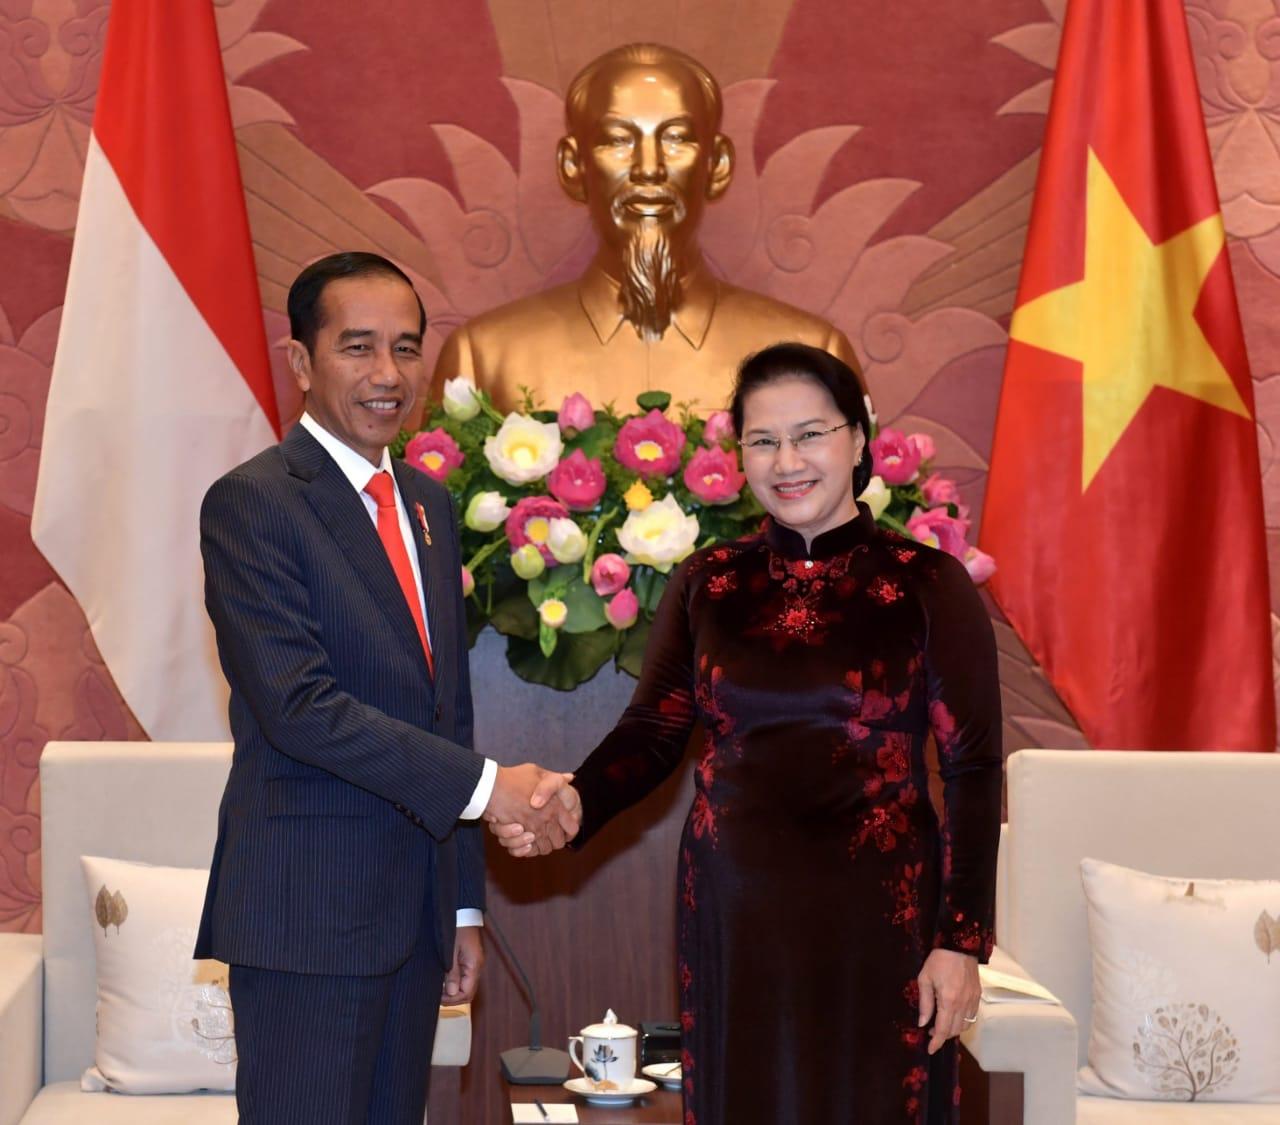 Pujian Ketua Majelis Vietnam untuk Indonesia